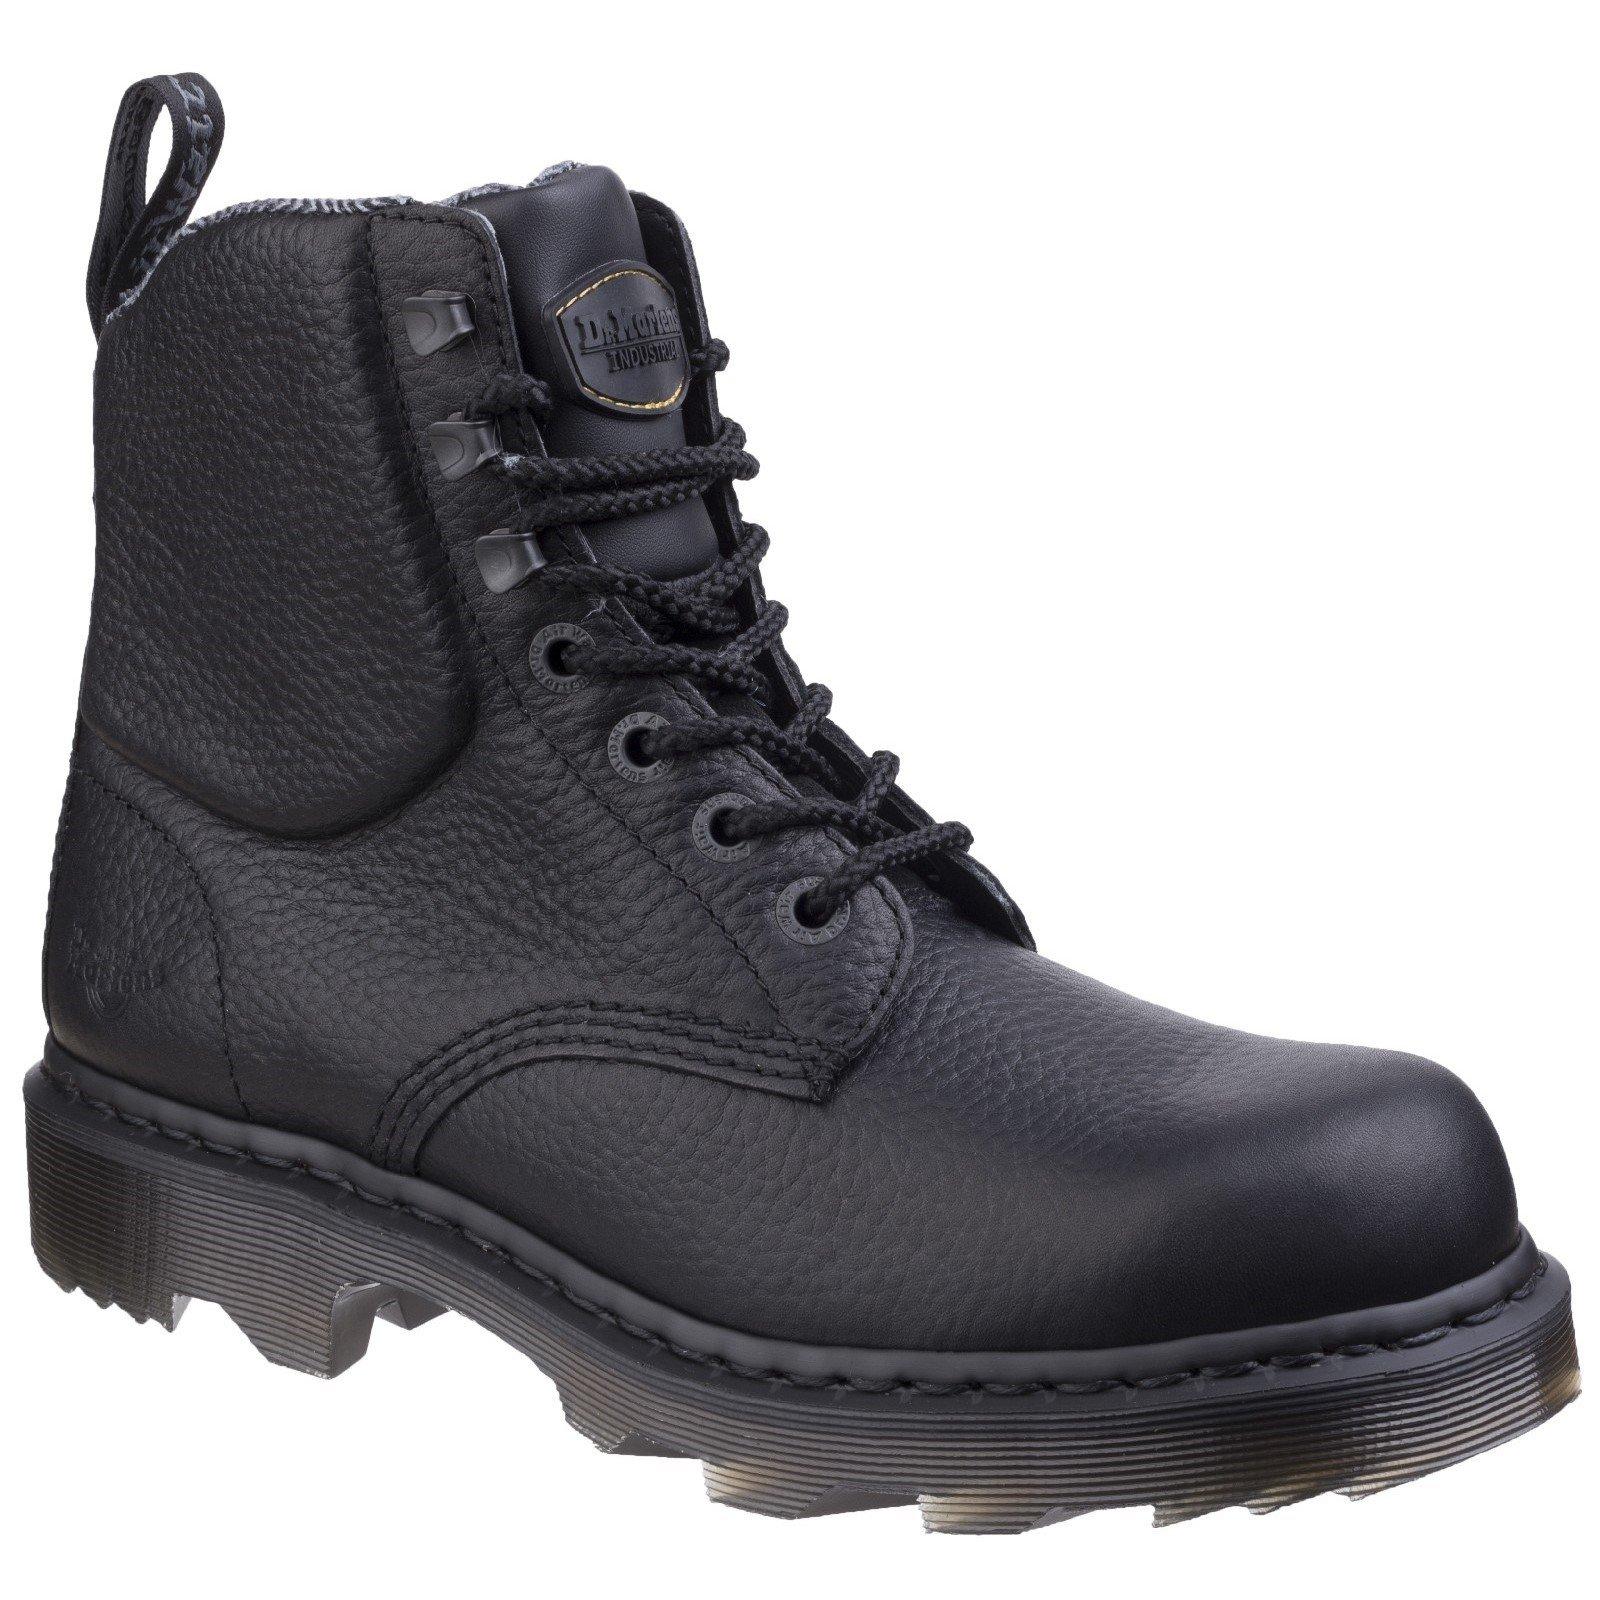 Dr Martens Unisex Calshott Service Boot Black 26024-43394 - Black 8